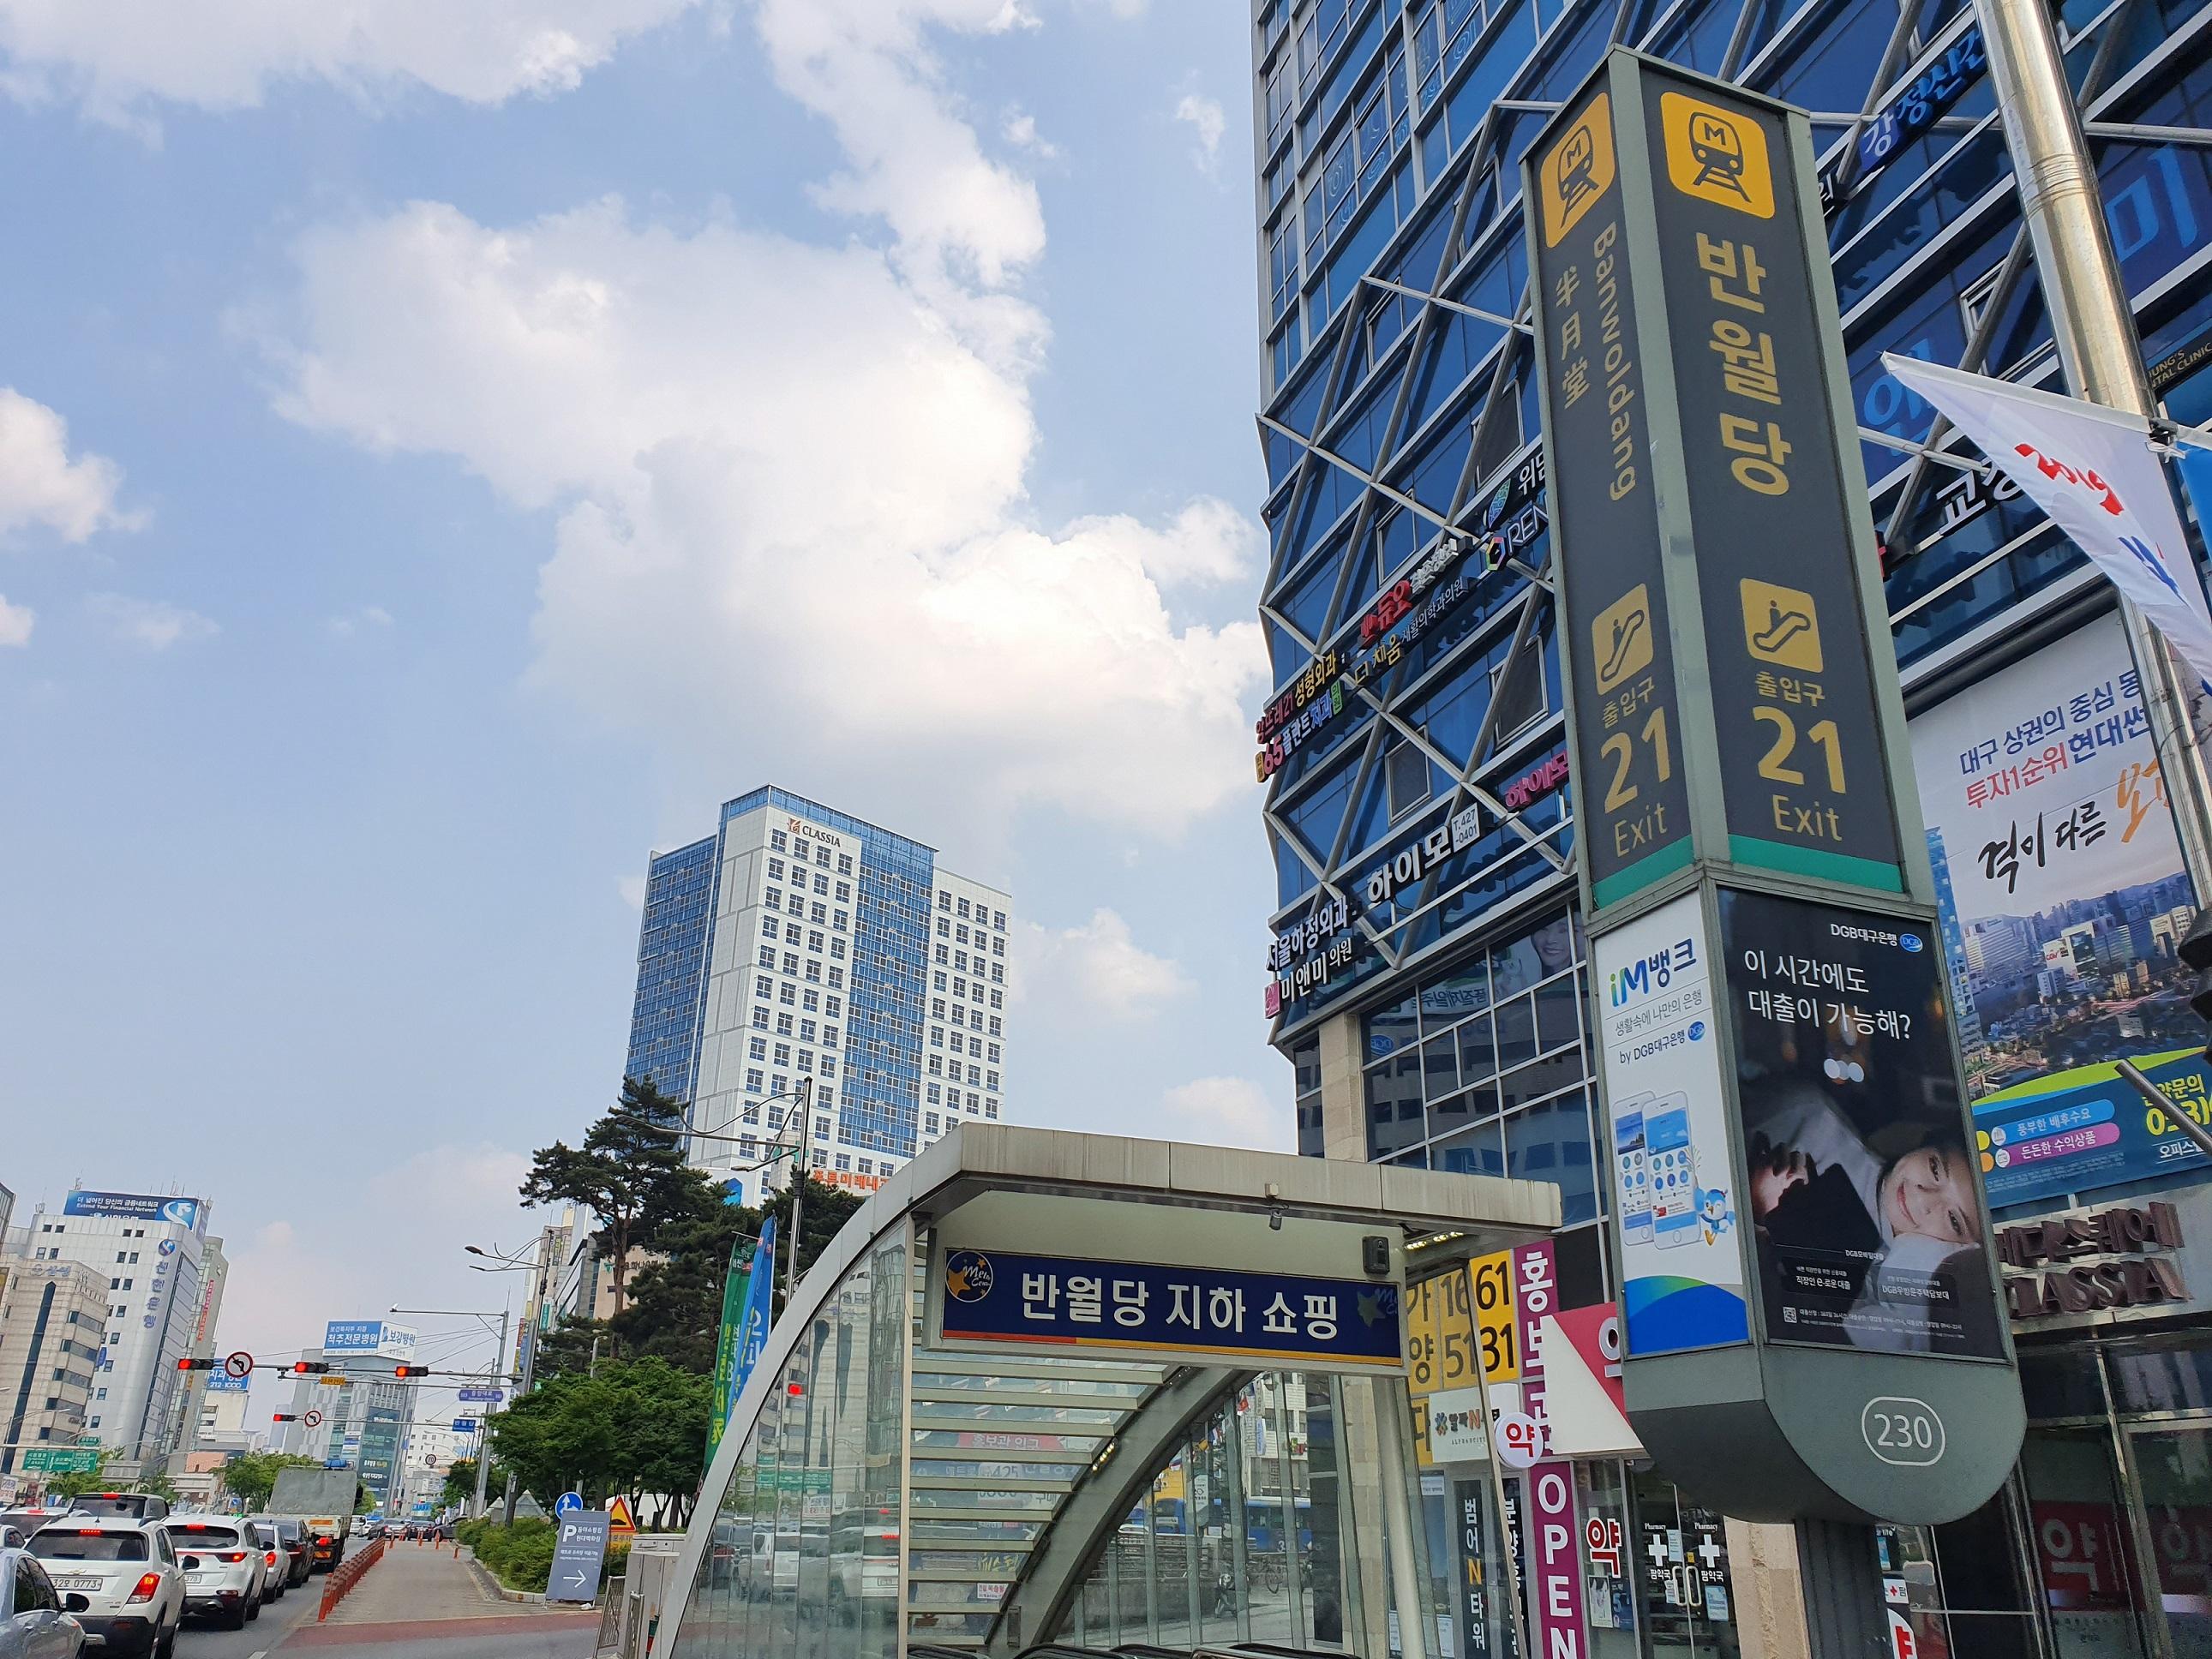 [Daegu]Banwoldang Station Exit 21